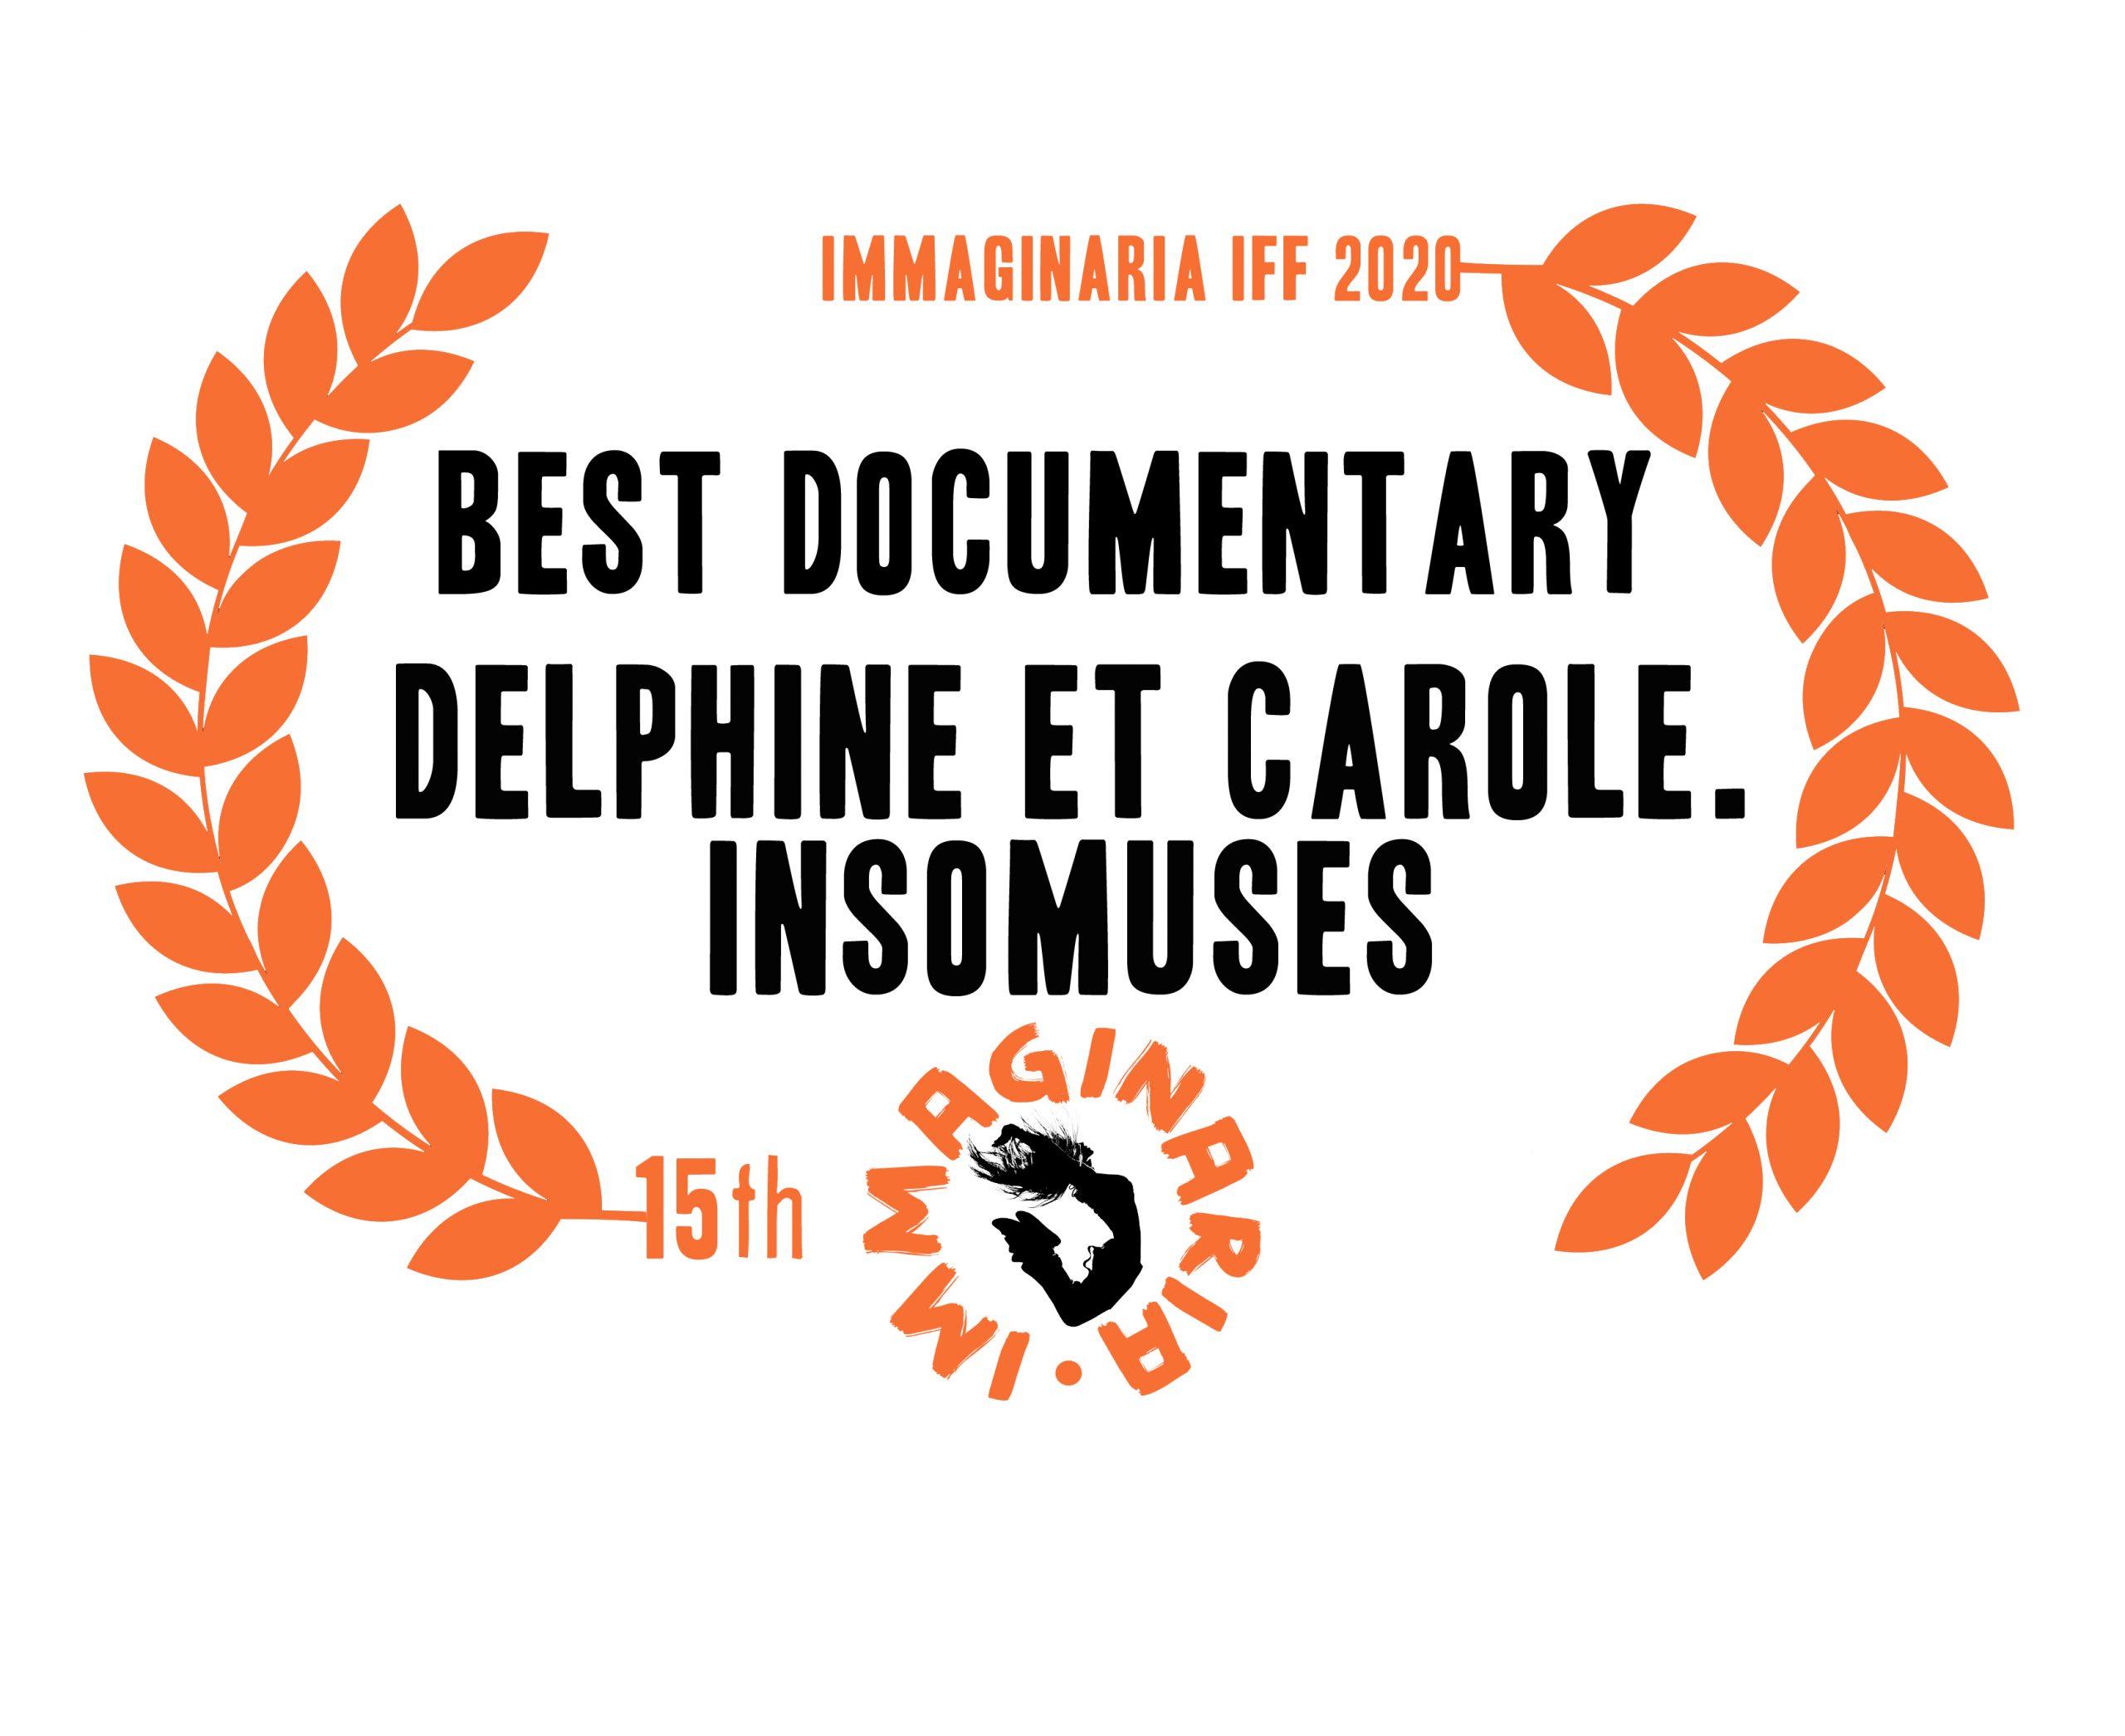 Delphine e Carole Winner